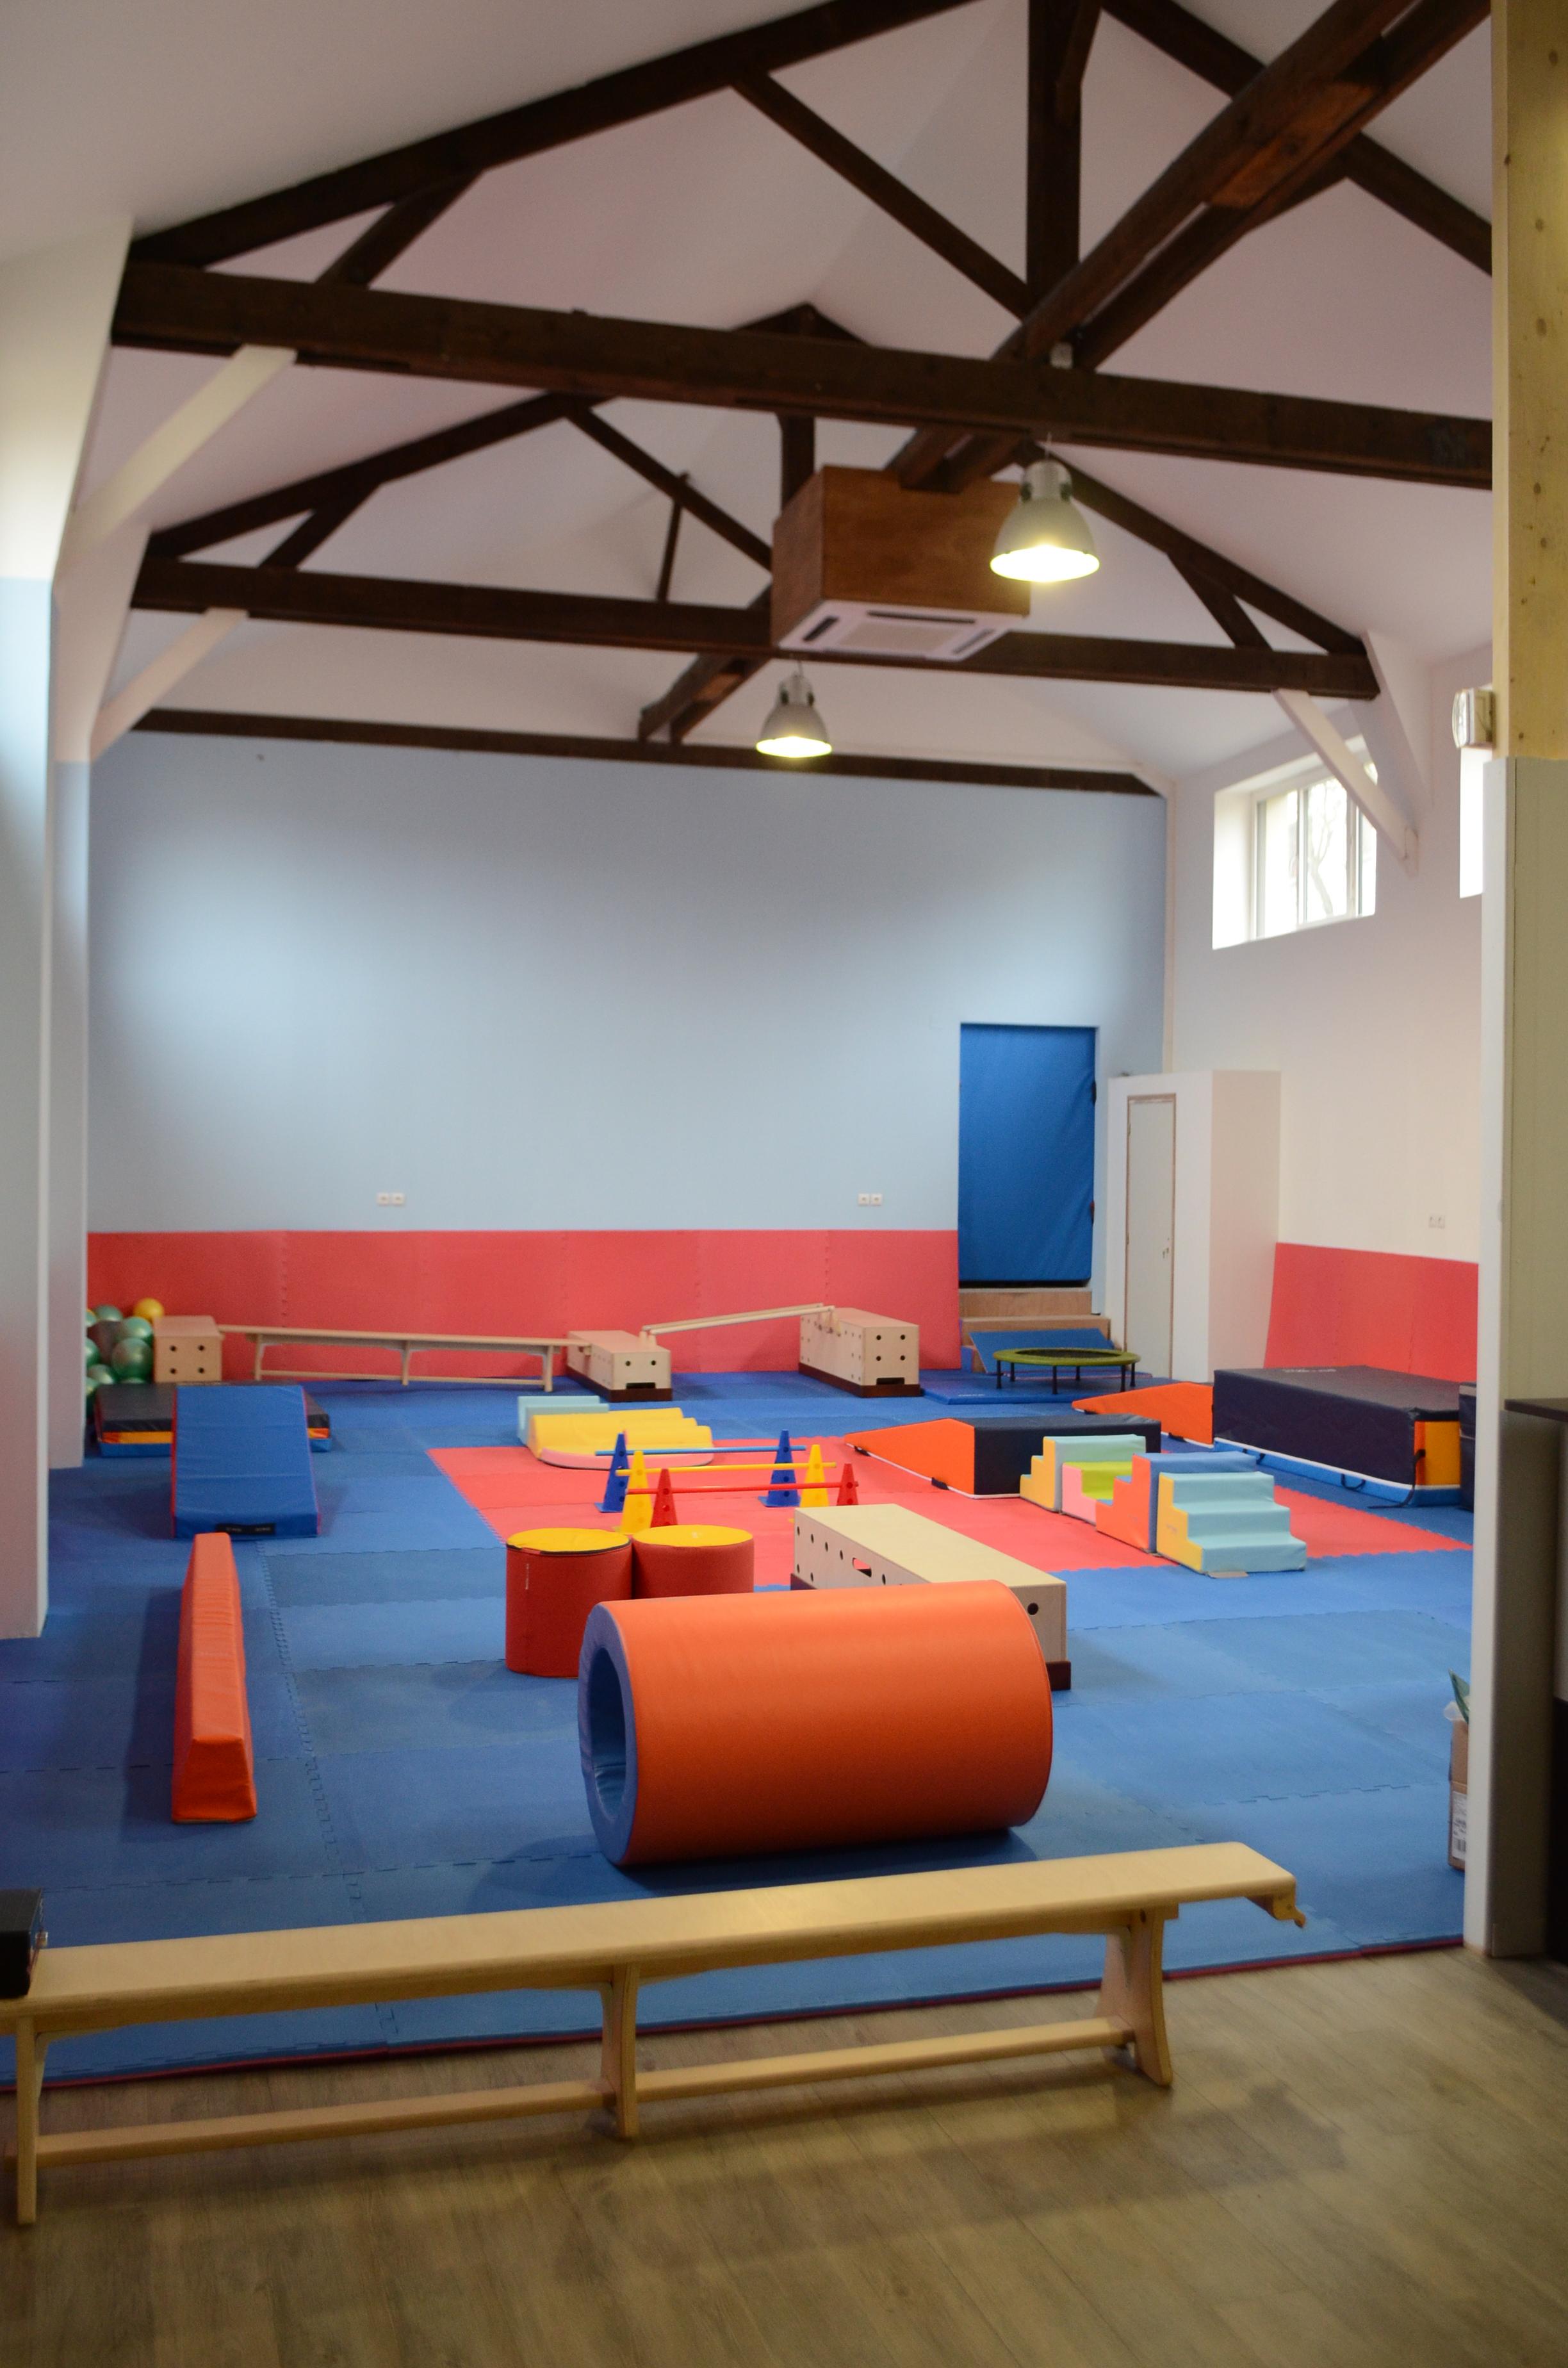 Salle d'activité pour enfants